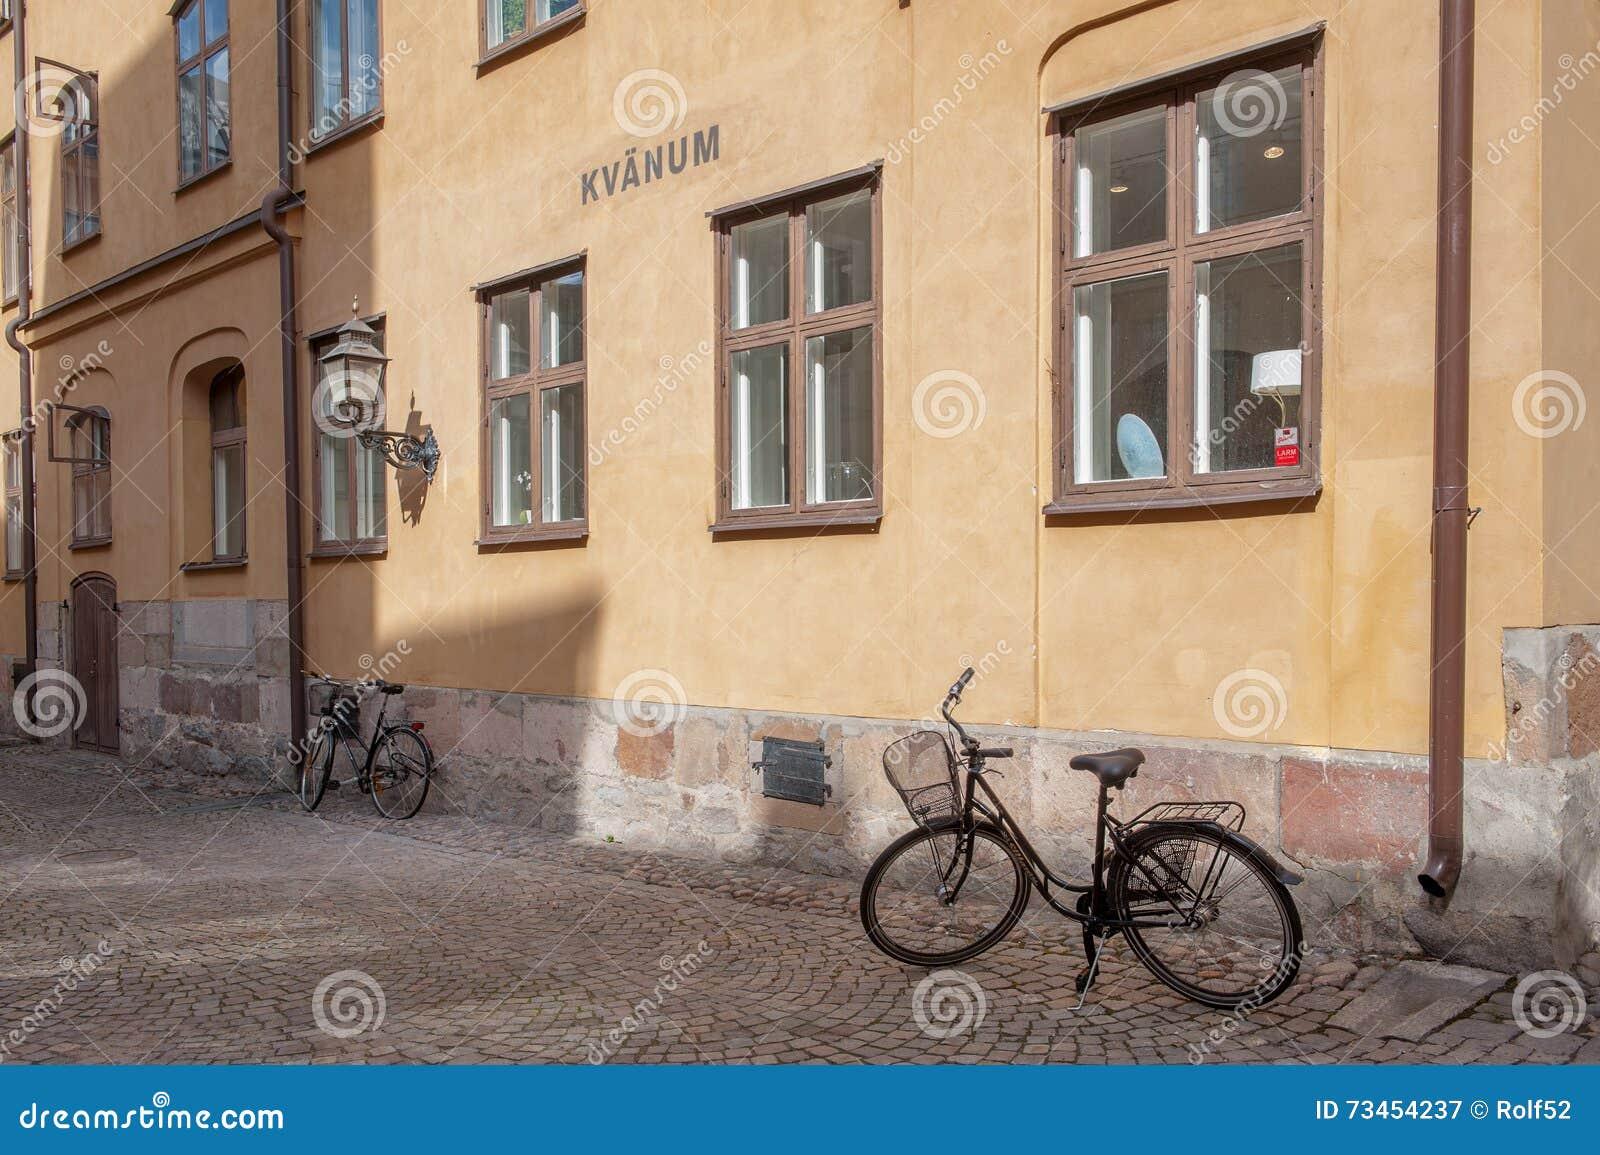 norrköping dating sites